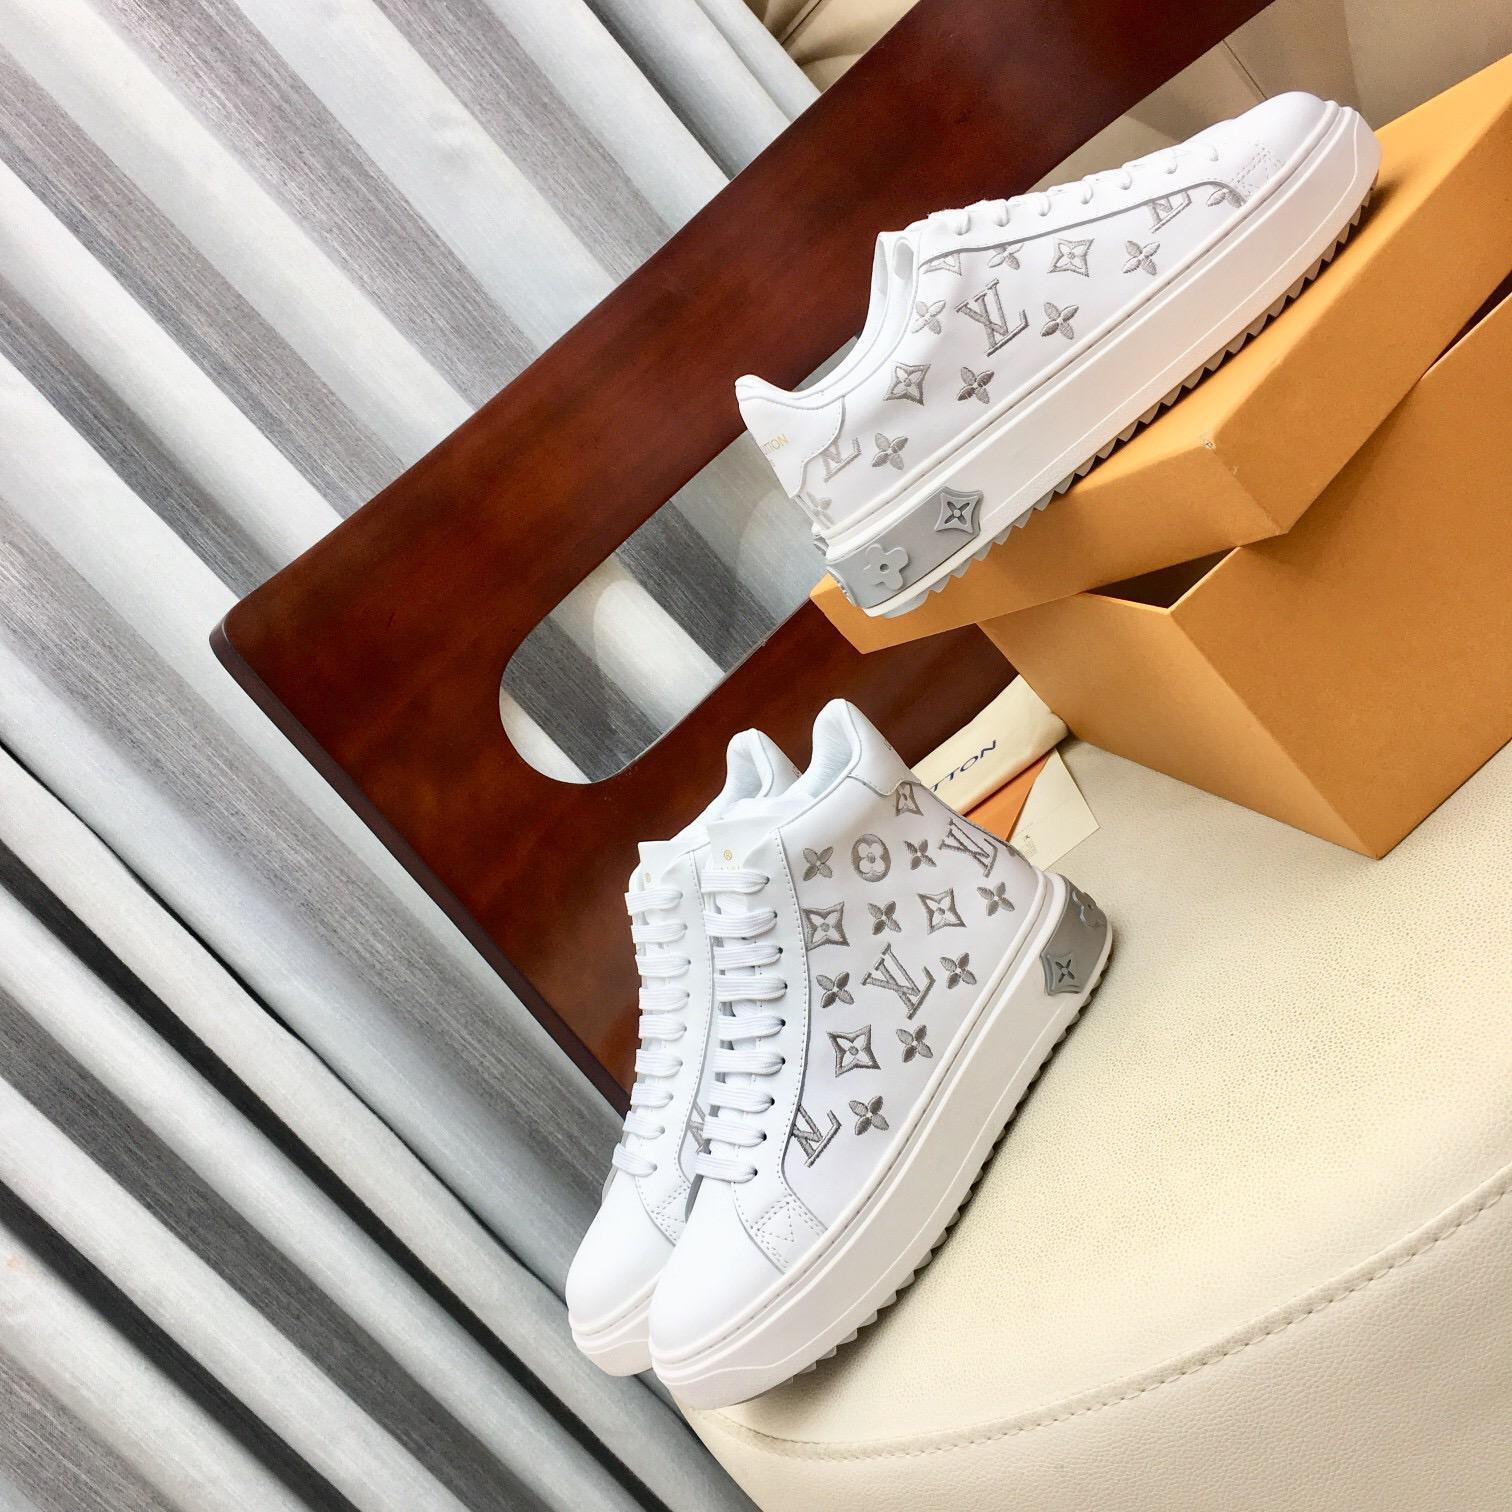 Mode Frauen Schuhe 2020 neue silberne Turnschuhe der Frauen scasual Schuhe Plattform beiläufige flache Schuhe der Frauen mit Kasten Verschiffen